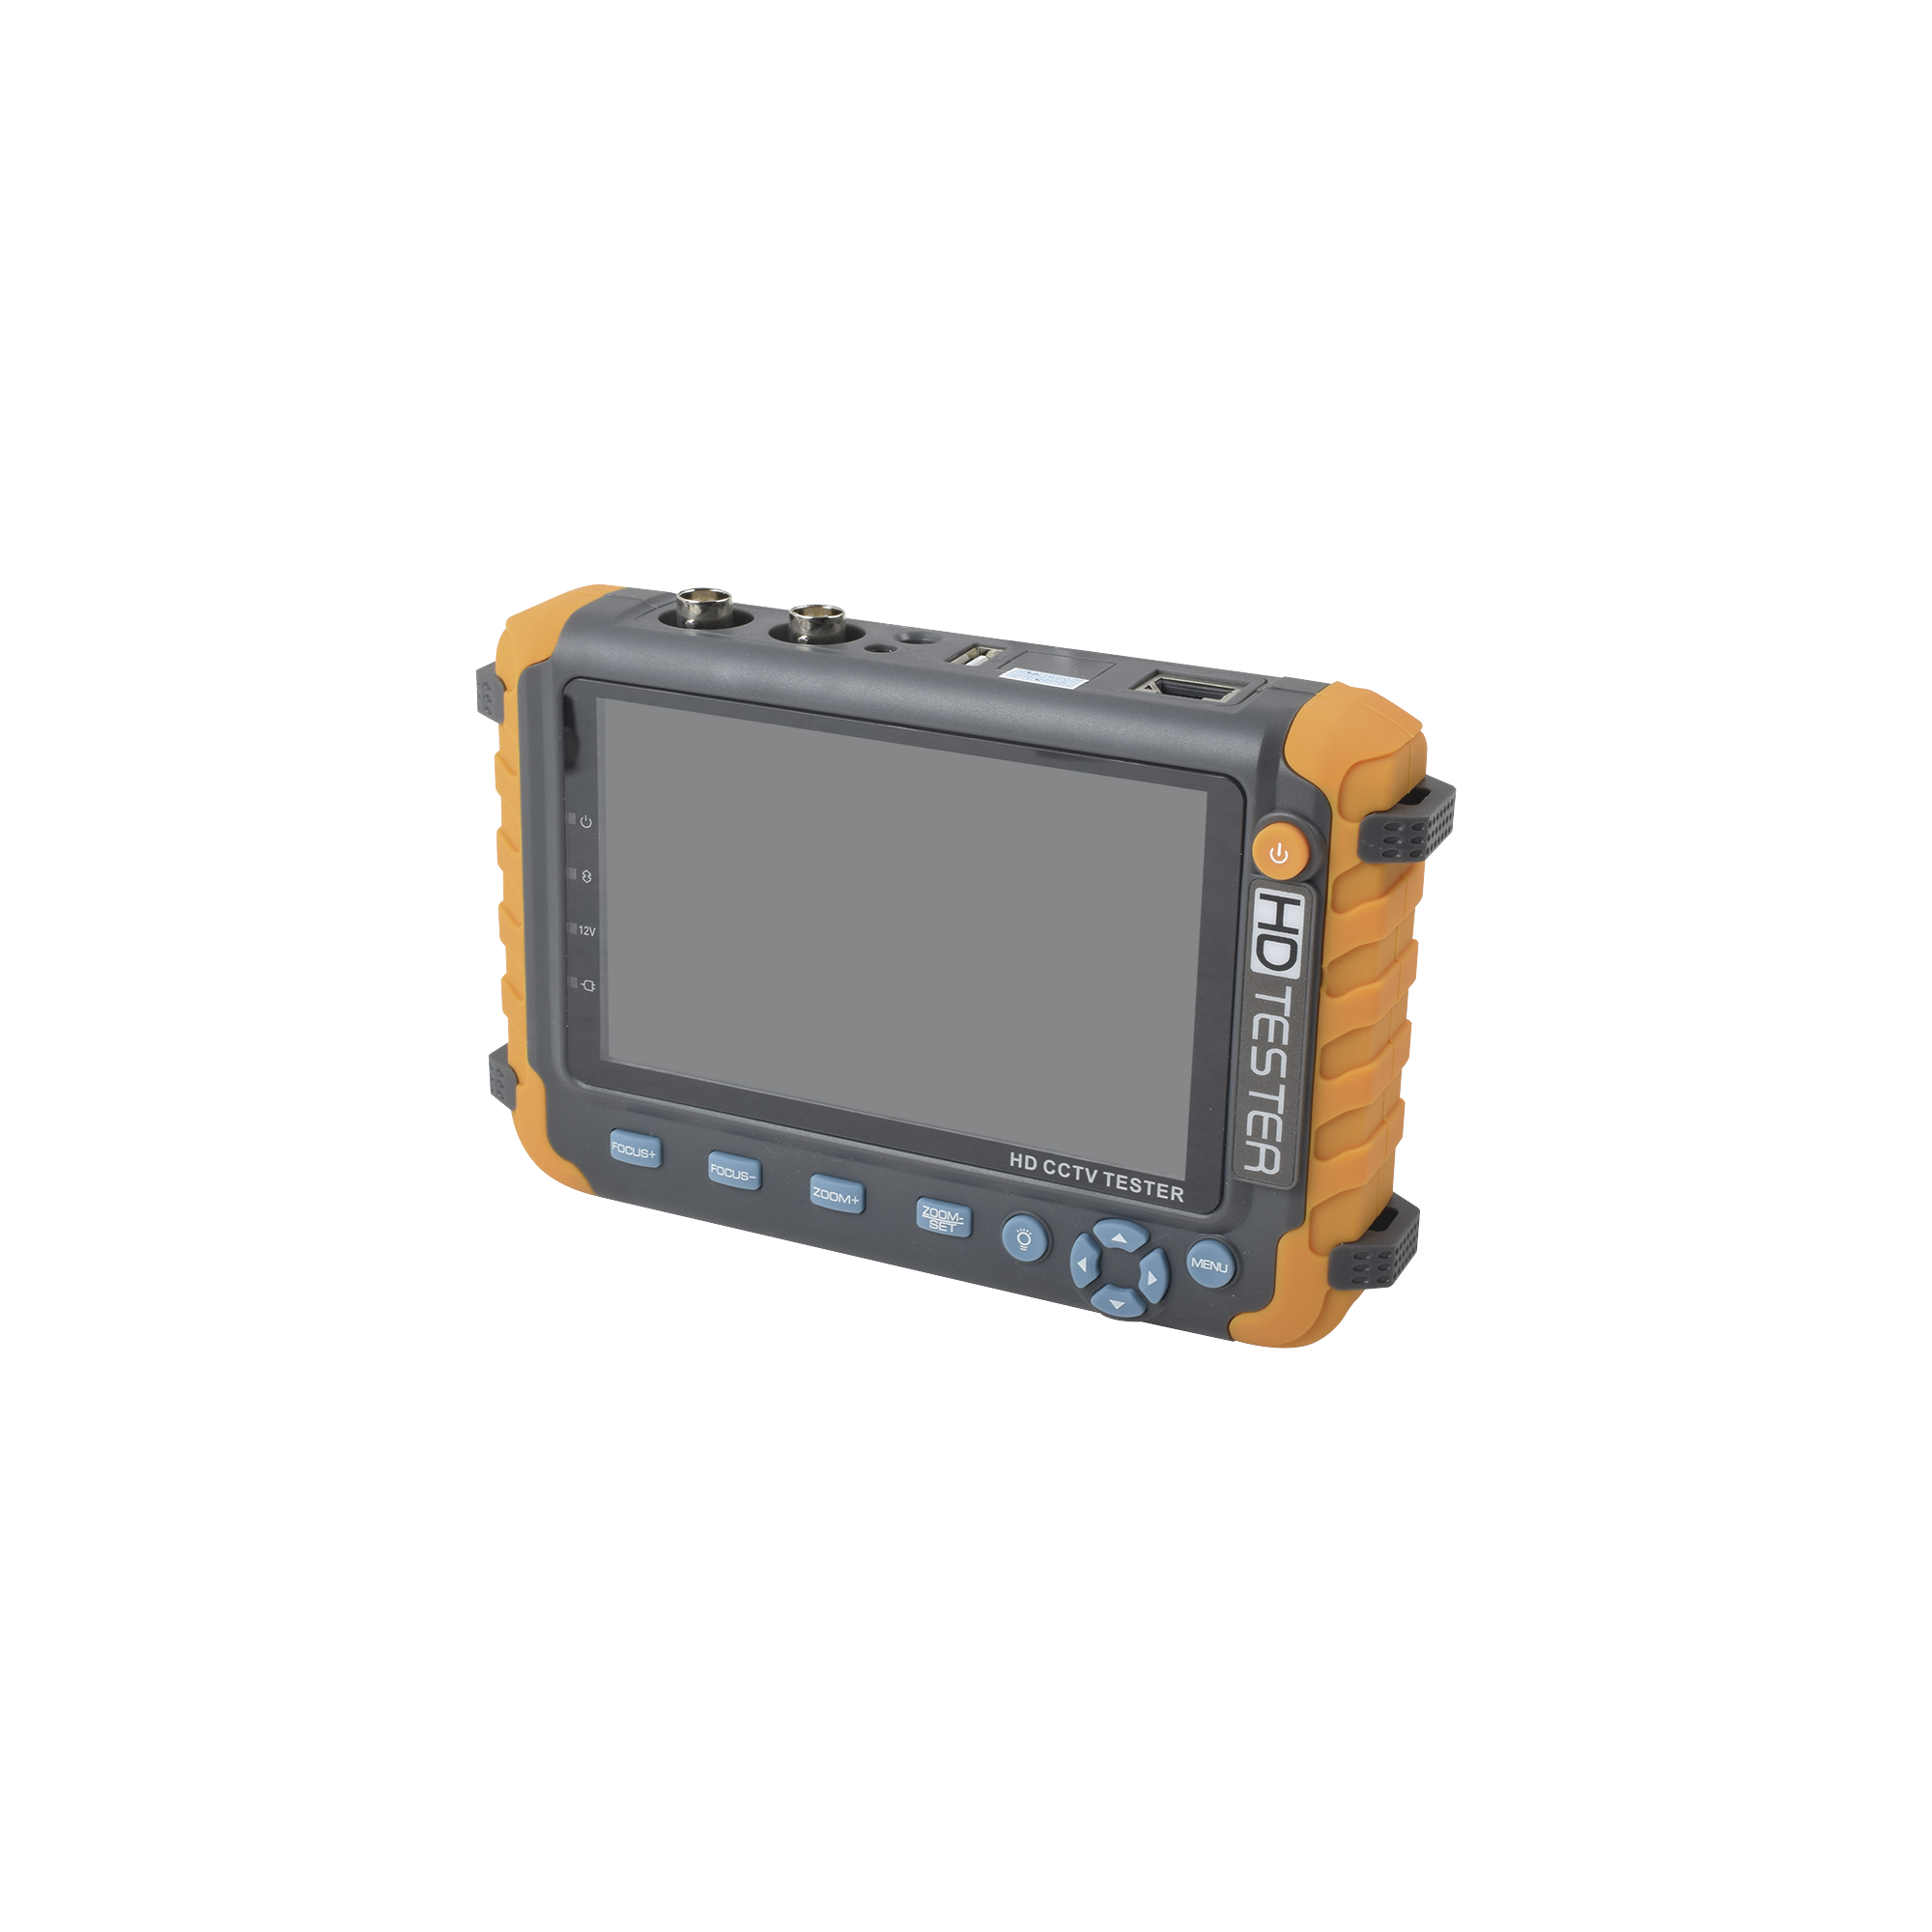 Probador de Vídeo con Pantalla de 5 Para Cámaras HD-TVI 5MP, HD-CVI 5MP, AHD 5MP / Soporta Coaxitron Para Control PTZ